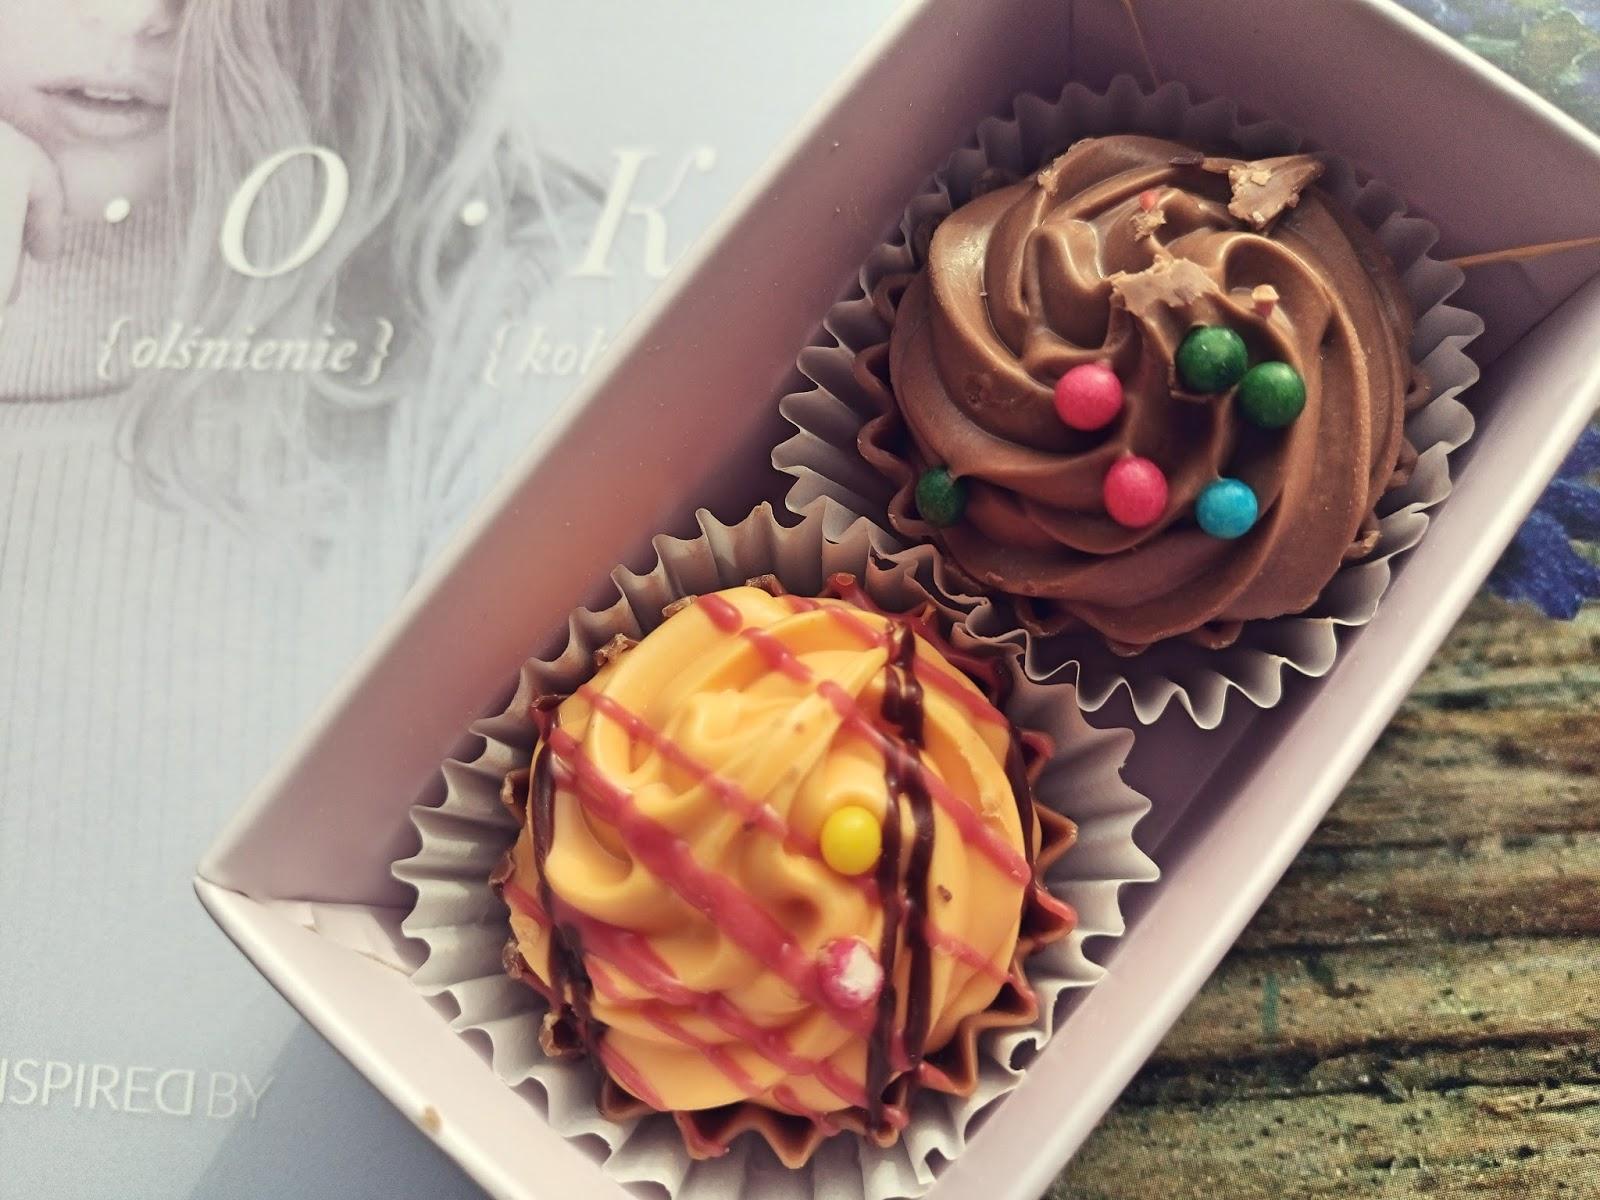 Chocolissimo Pralinki 2 Cup Cakes Pudełko U.R.O.K Edycja XXI Inspiredby